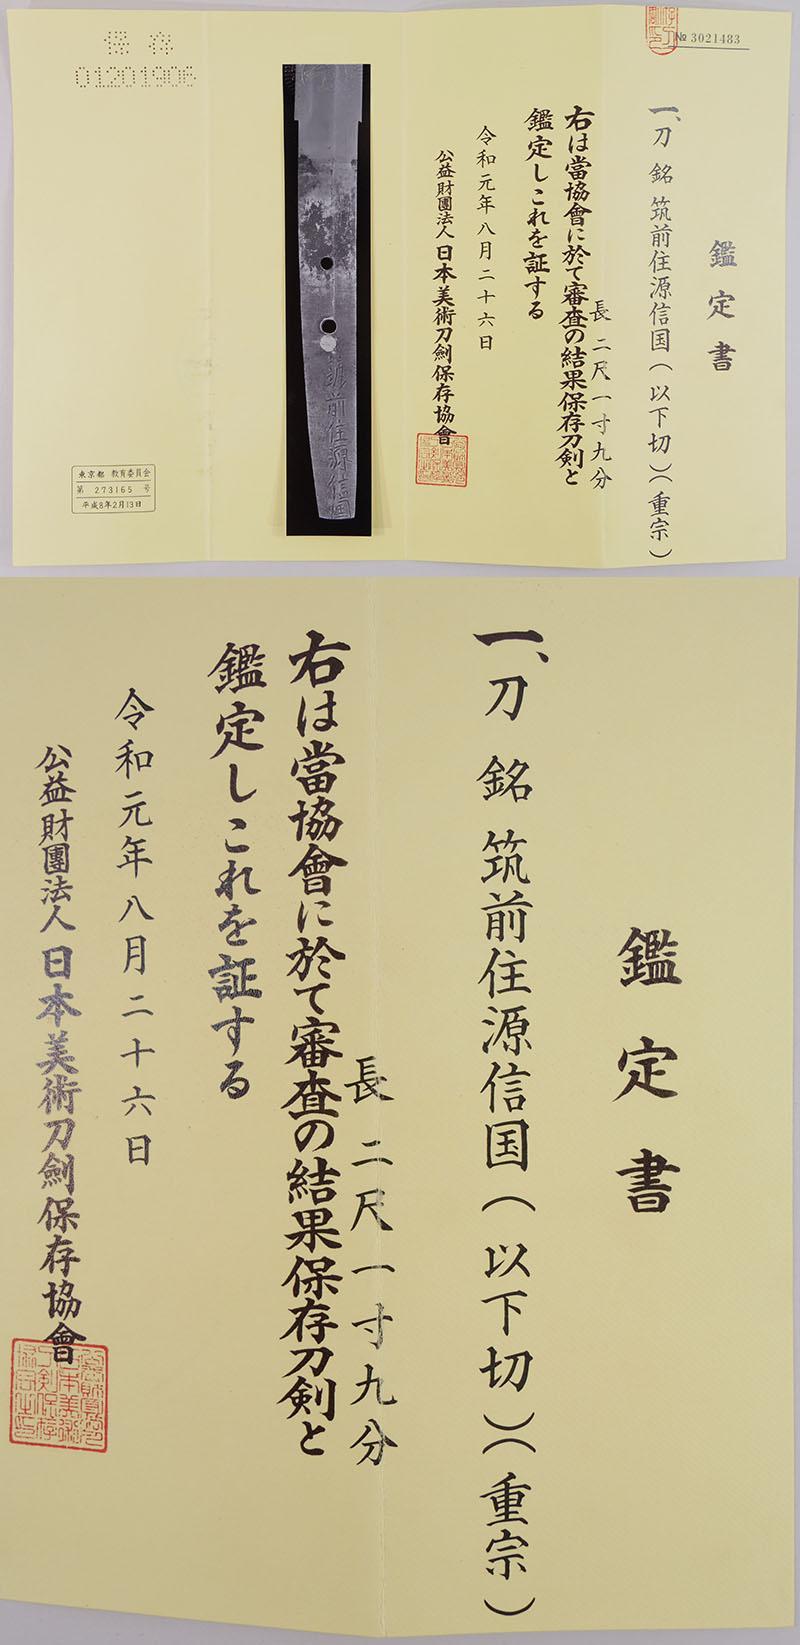 筑前住源信国(以下切)(重宗) Picture of Certificate